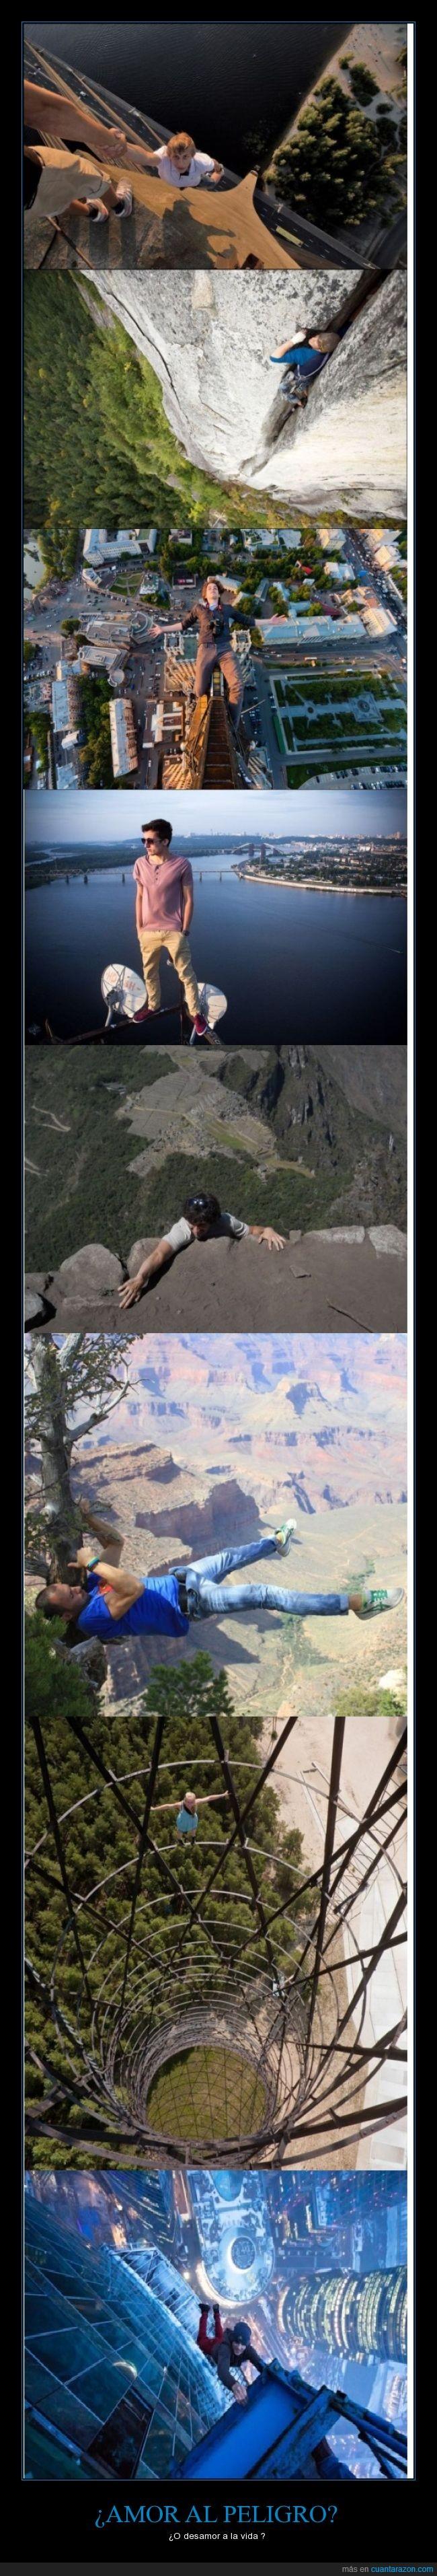 adrenalina,altura,caer,peligro,riesgo,vértigo